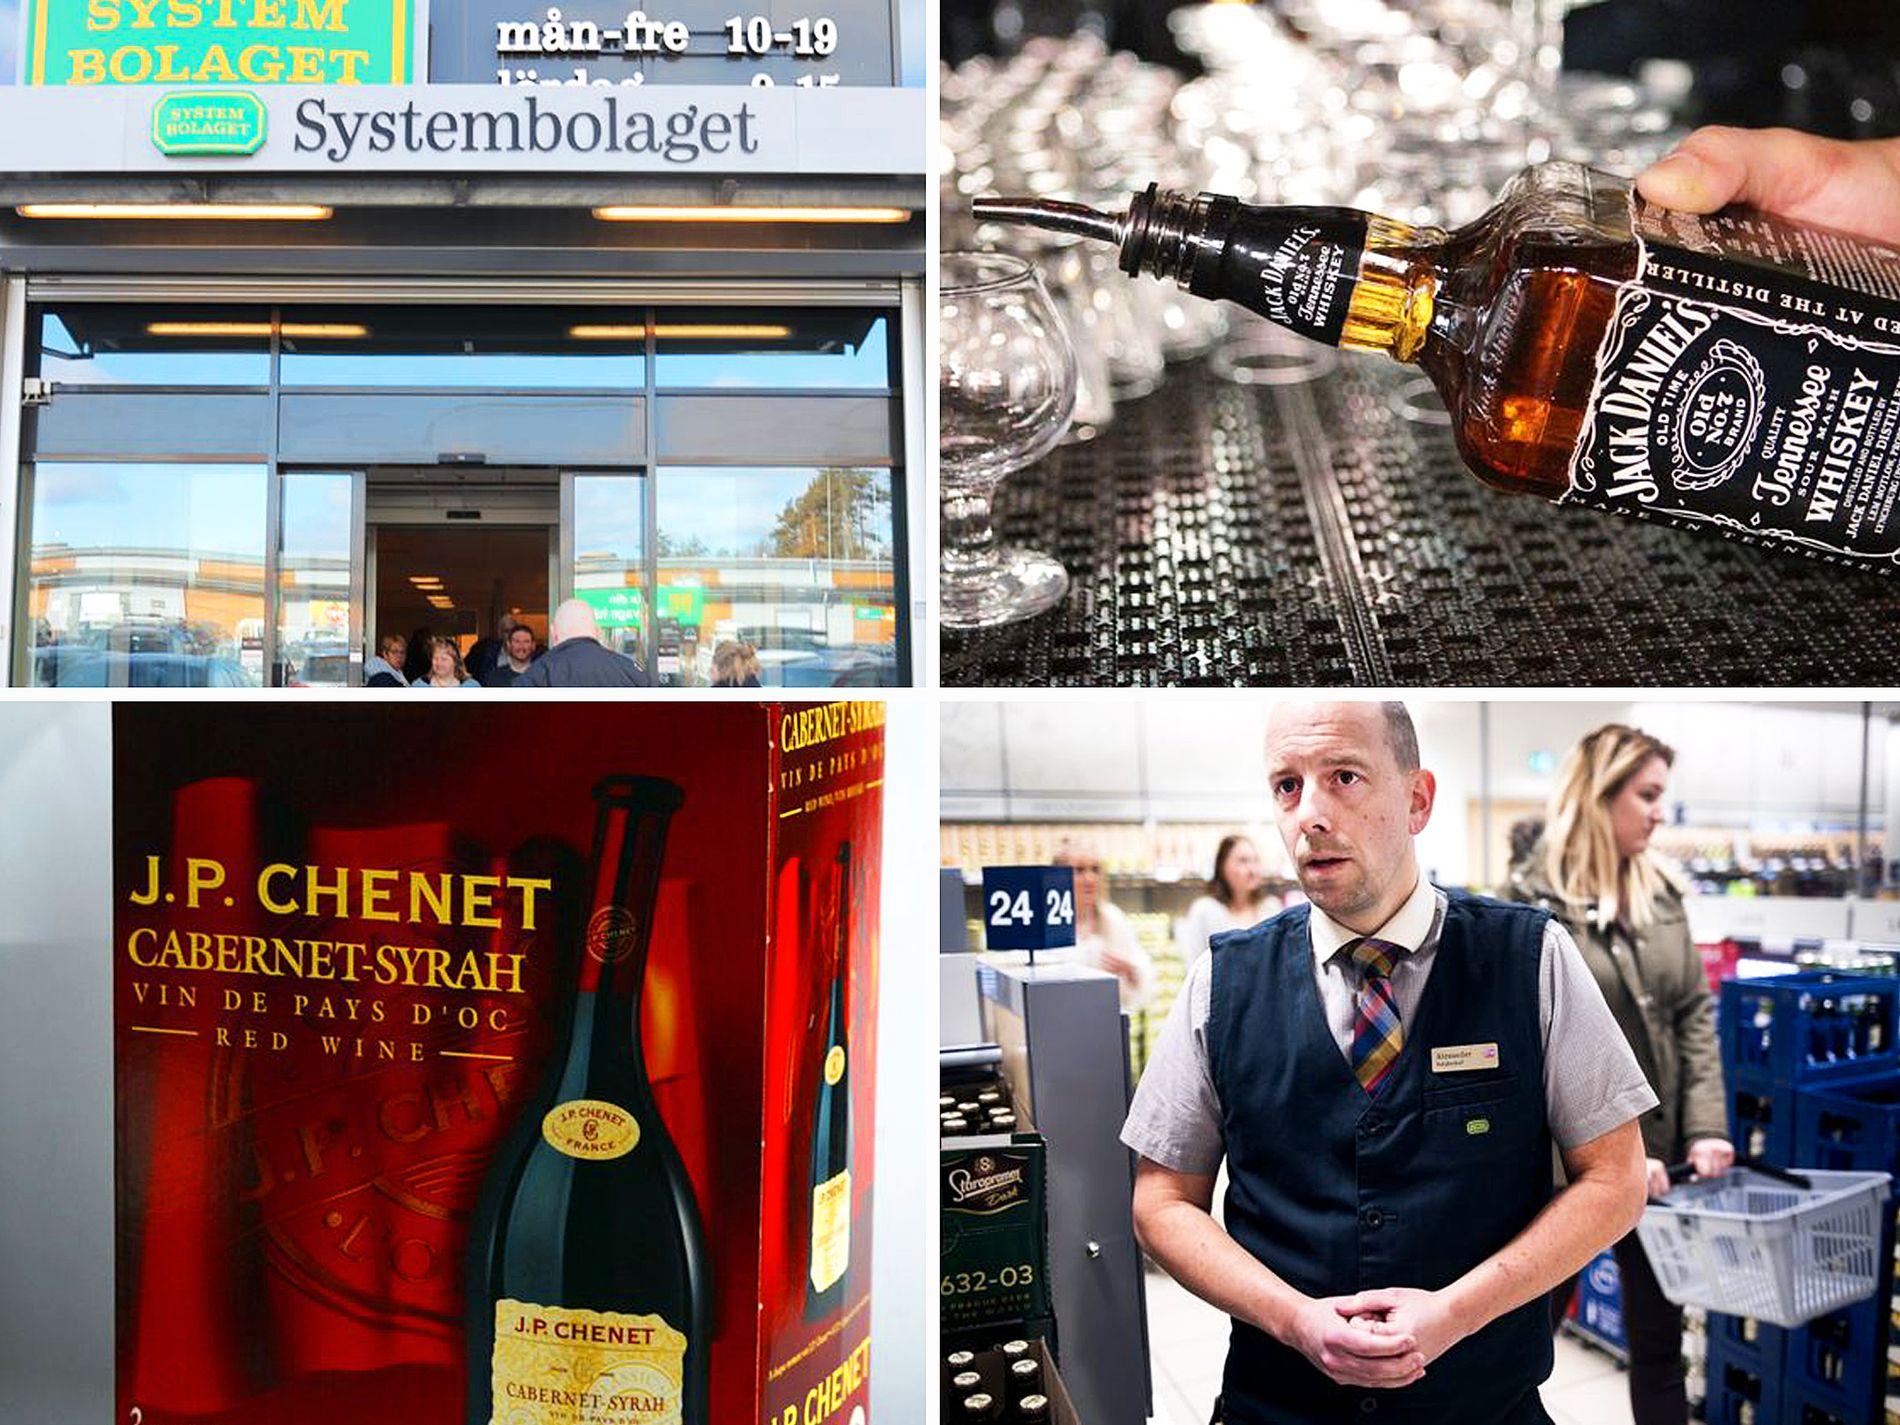 ØKER MEST: Grensehandelen på Systembolaget gjør et nytt byks. Her fra det svenske vinmonopolets utsalg i Strömstad.